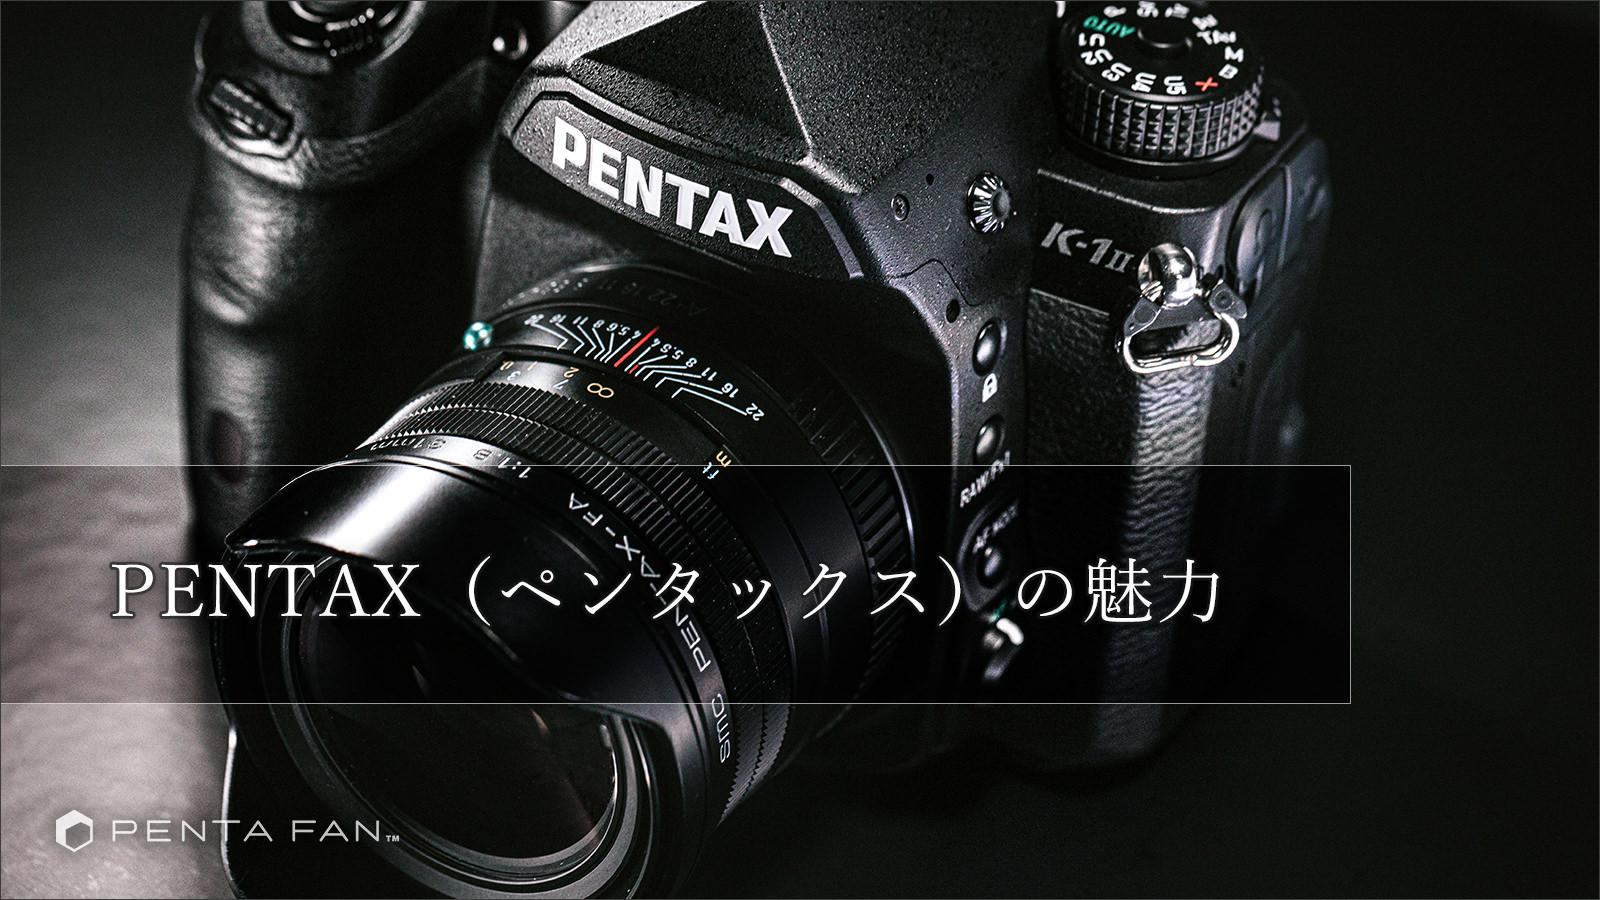 PENTAX(ペンタックス)の魅力